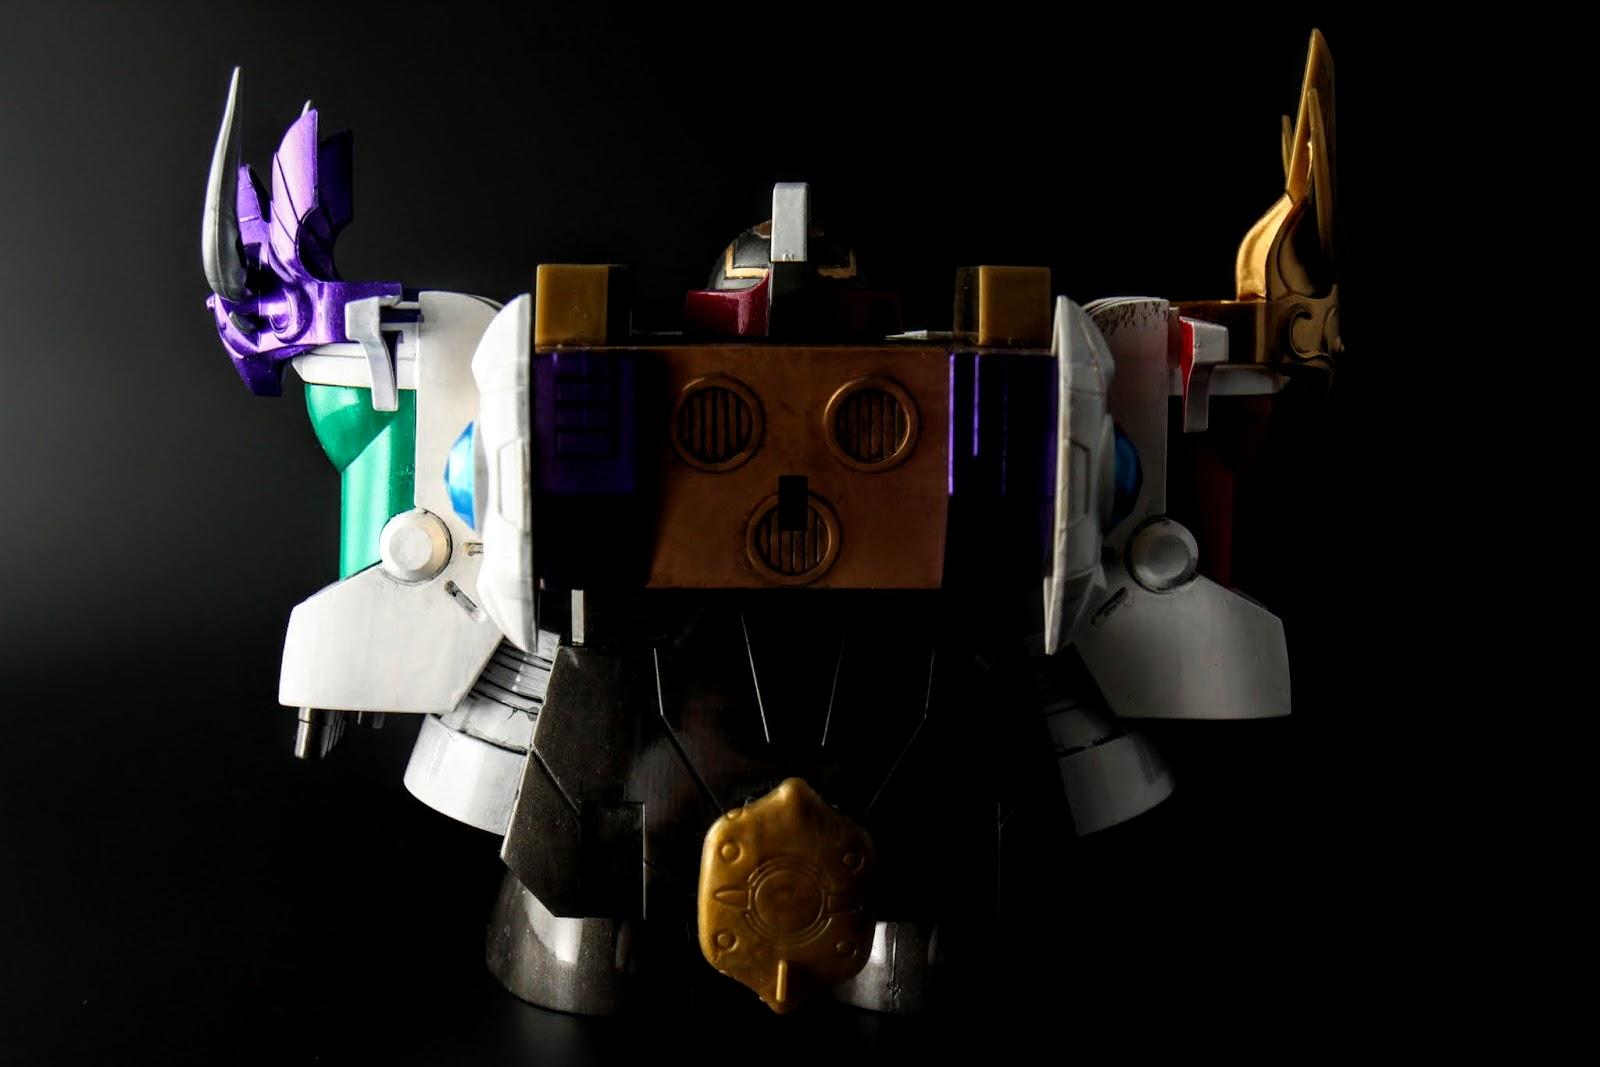 屁股帶著コルプス・ディフェンサー,就是盾牌拉~超小的;左右兩肩帶著不一樣的皇冠~但為啥會有預設的闇影皇冠啊?